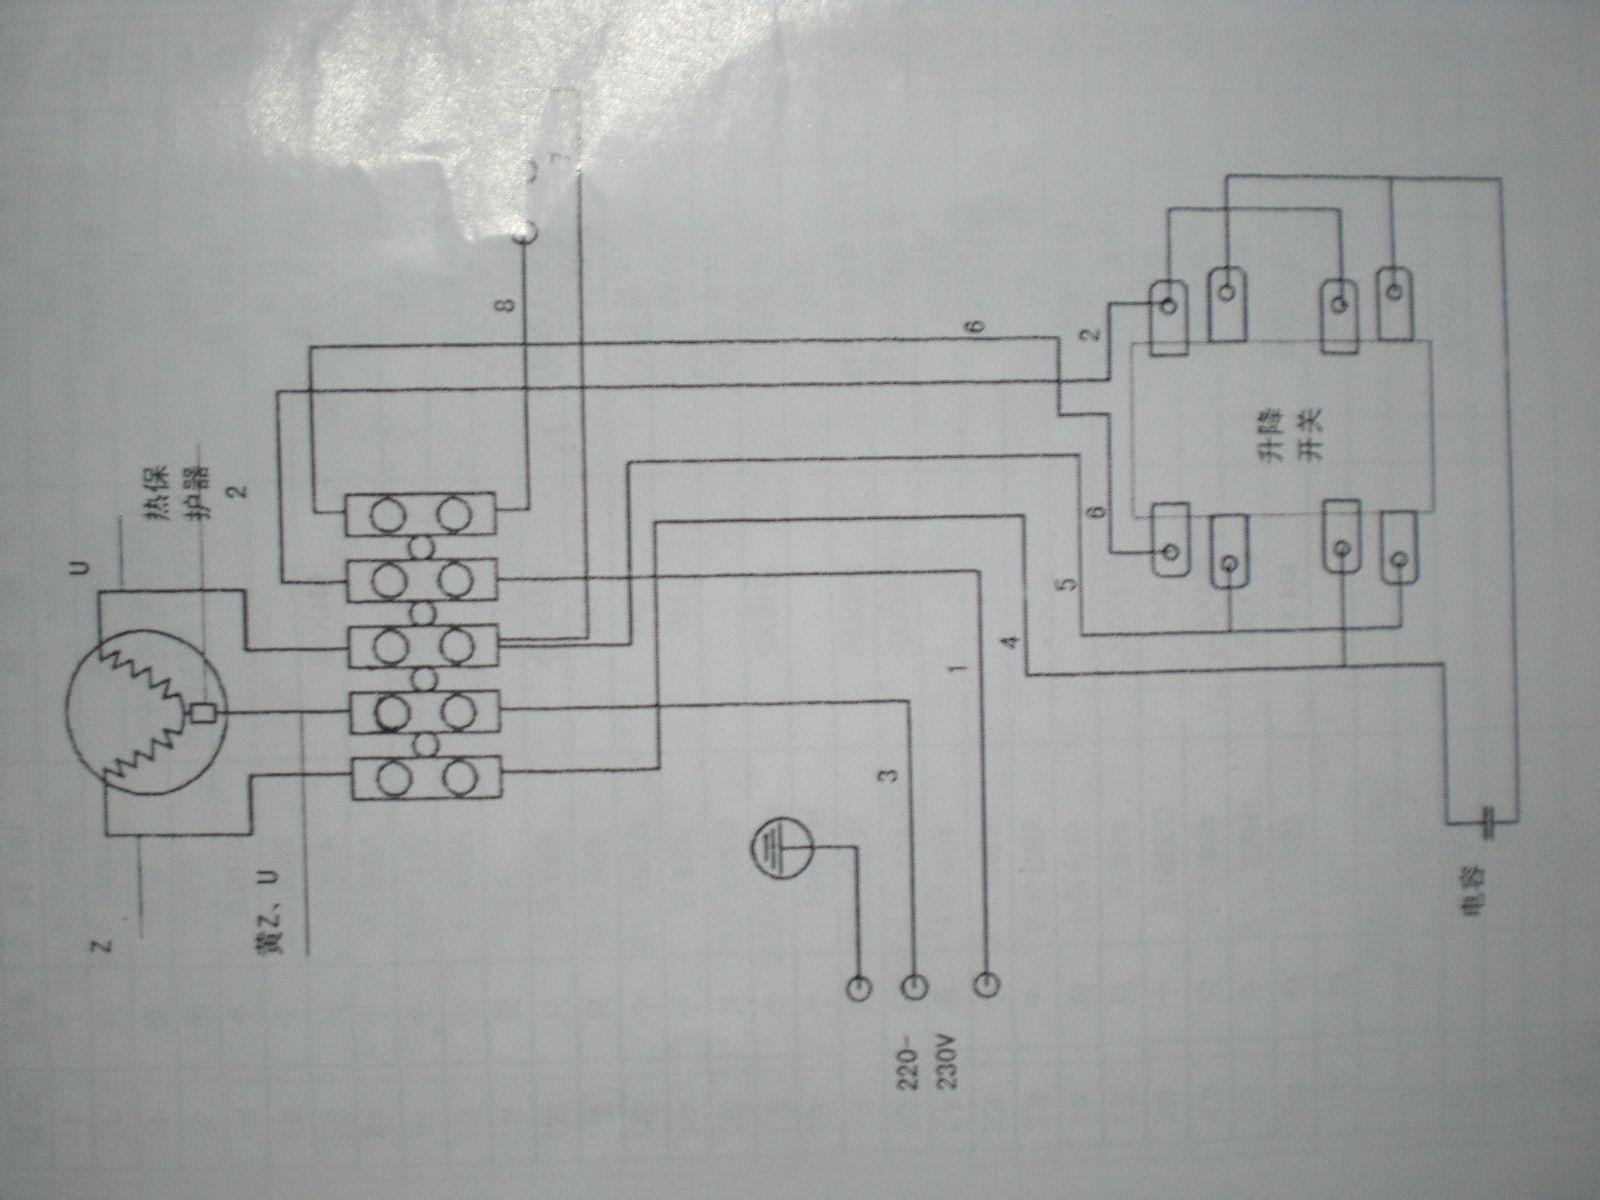 求单相电动葫芦接线图,电机四根线,一个电容